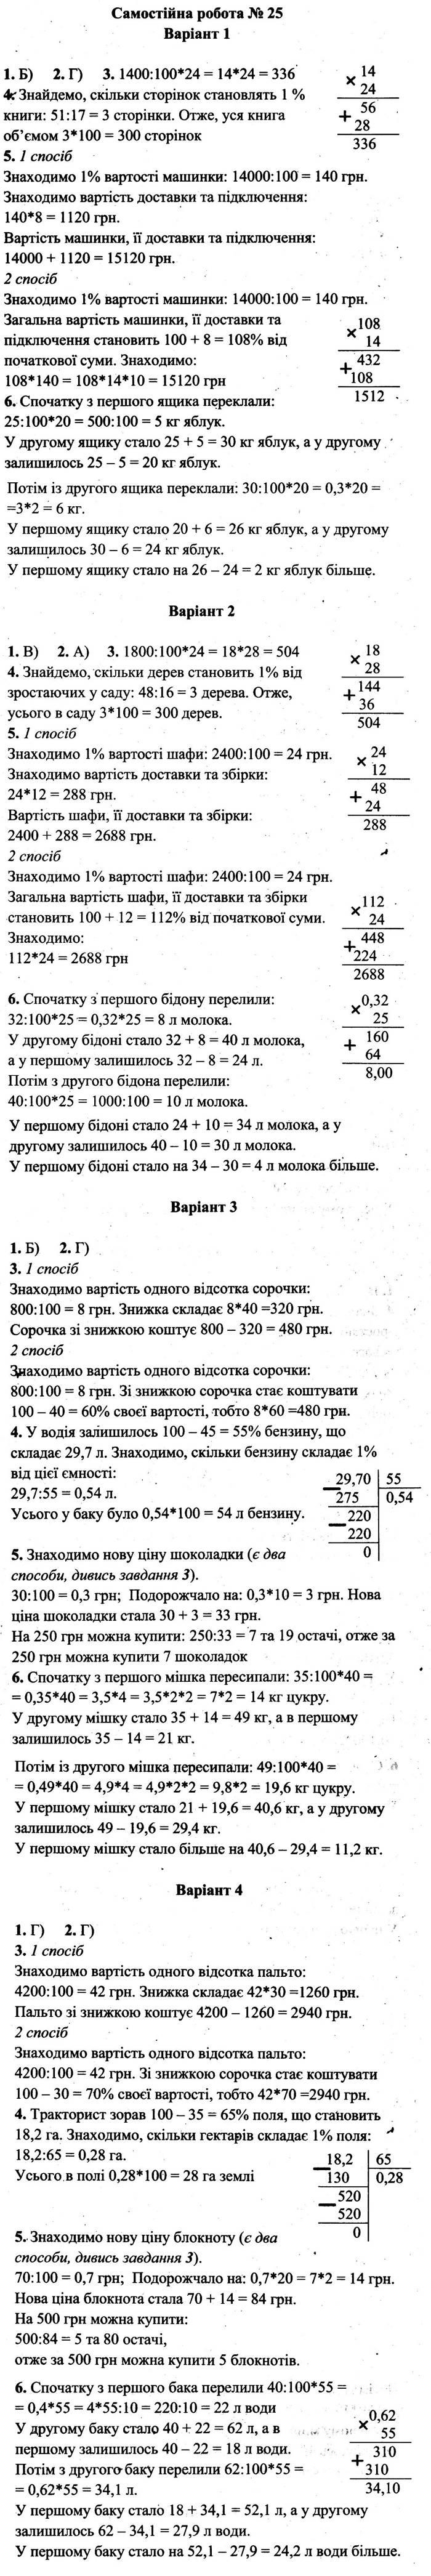 Розв'язання завдань до самостійної роботи 25 посібника 5 клас Математика Мерзляк (збірник самостійних робіт і тестів) 2020 рік